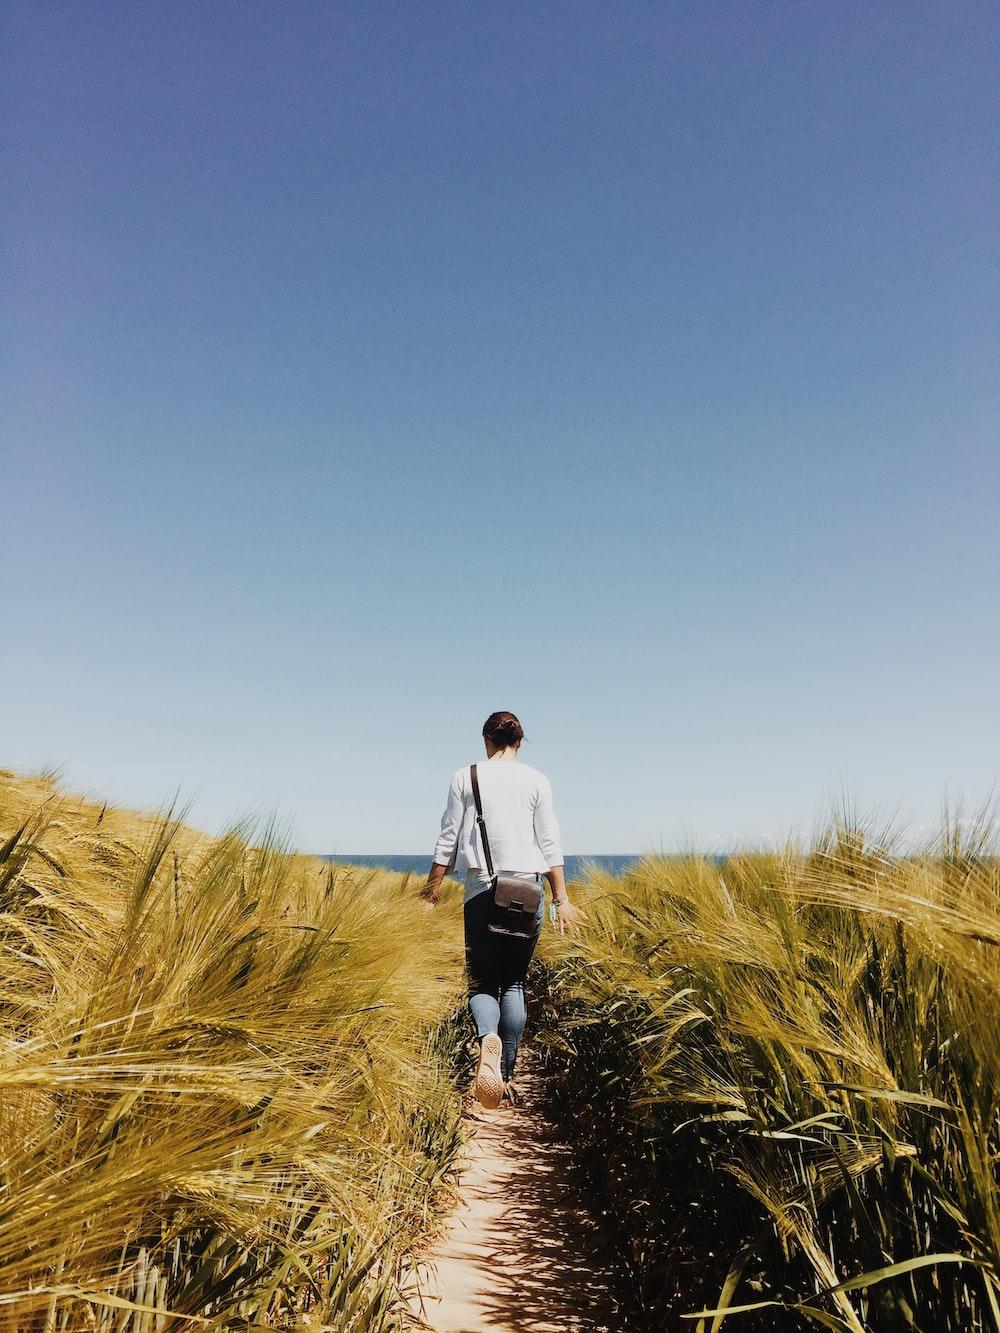 woman walking of wheat field